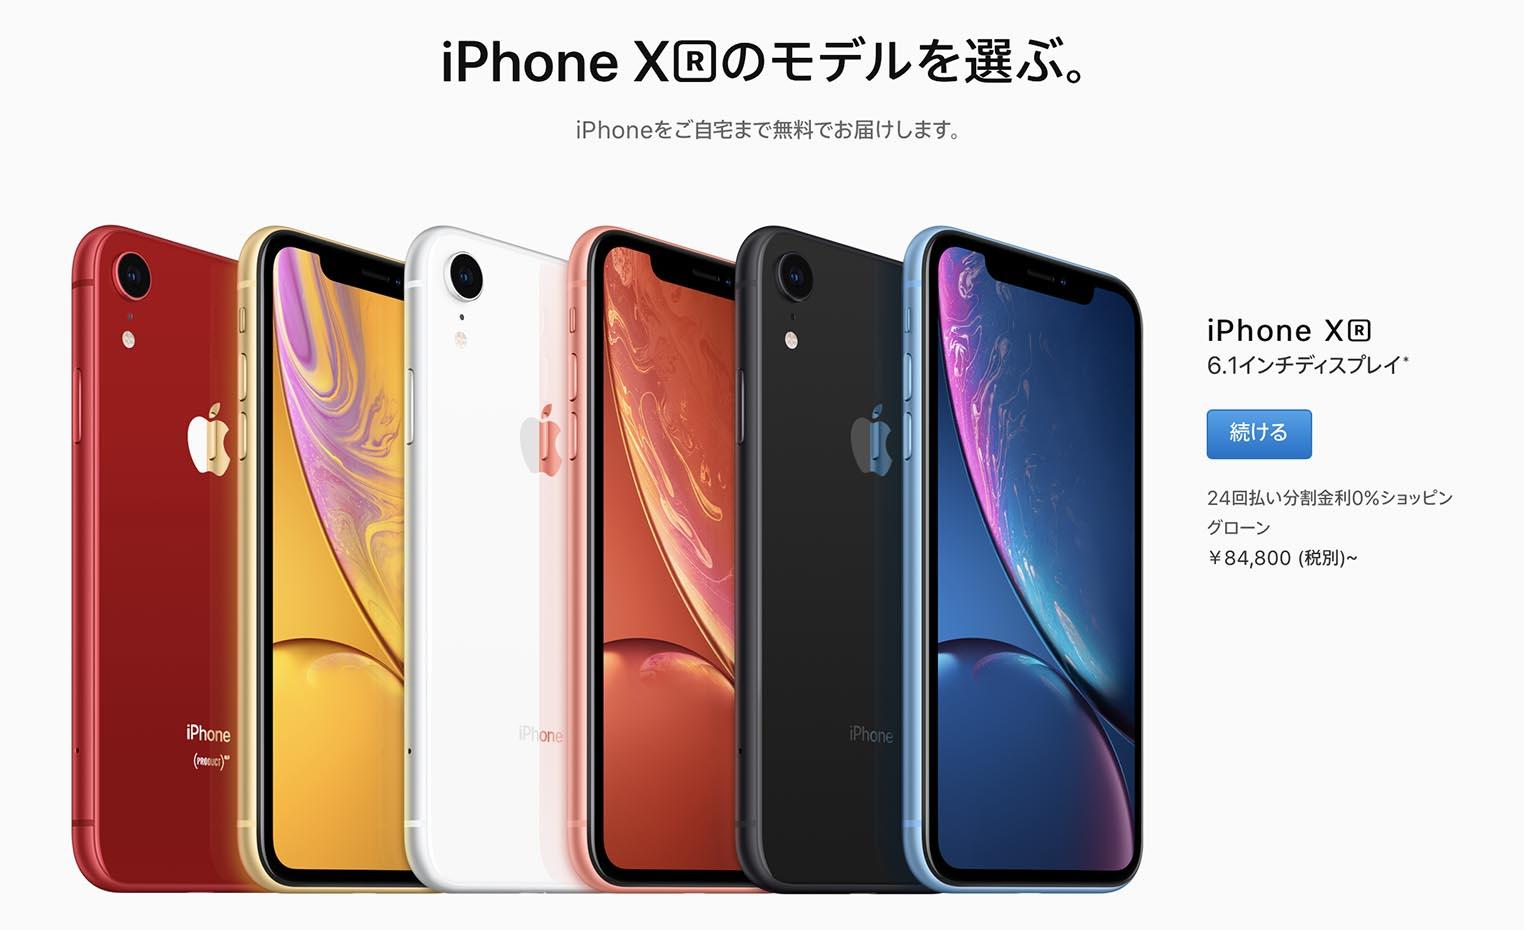 iPhone XR Japon